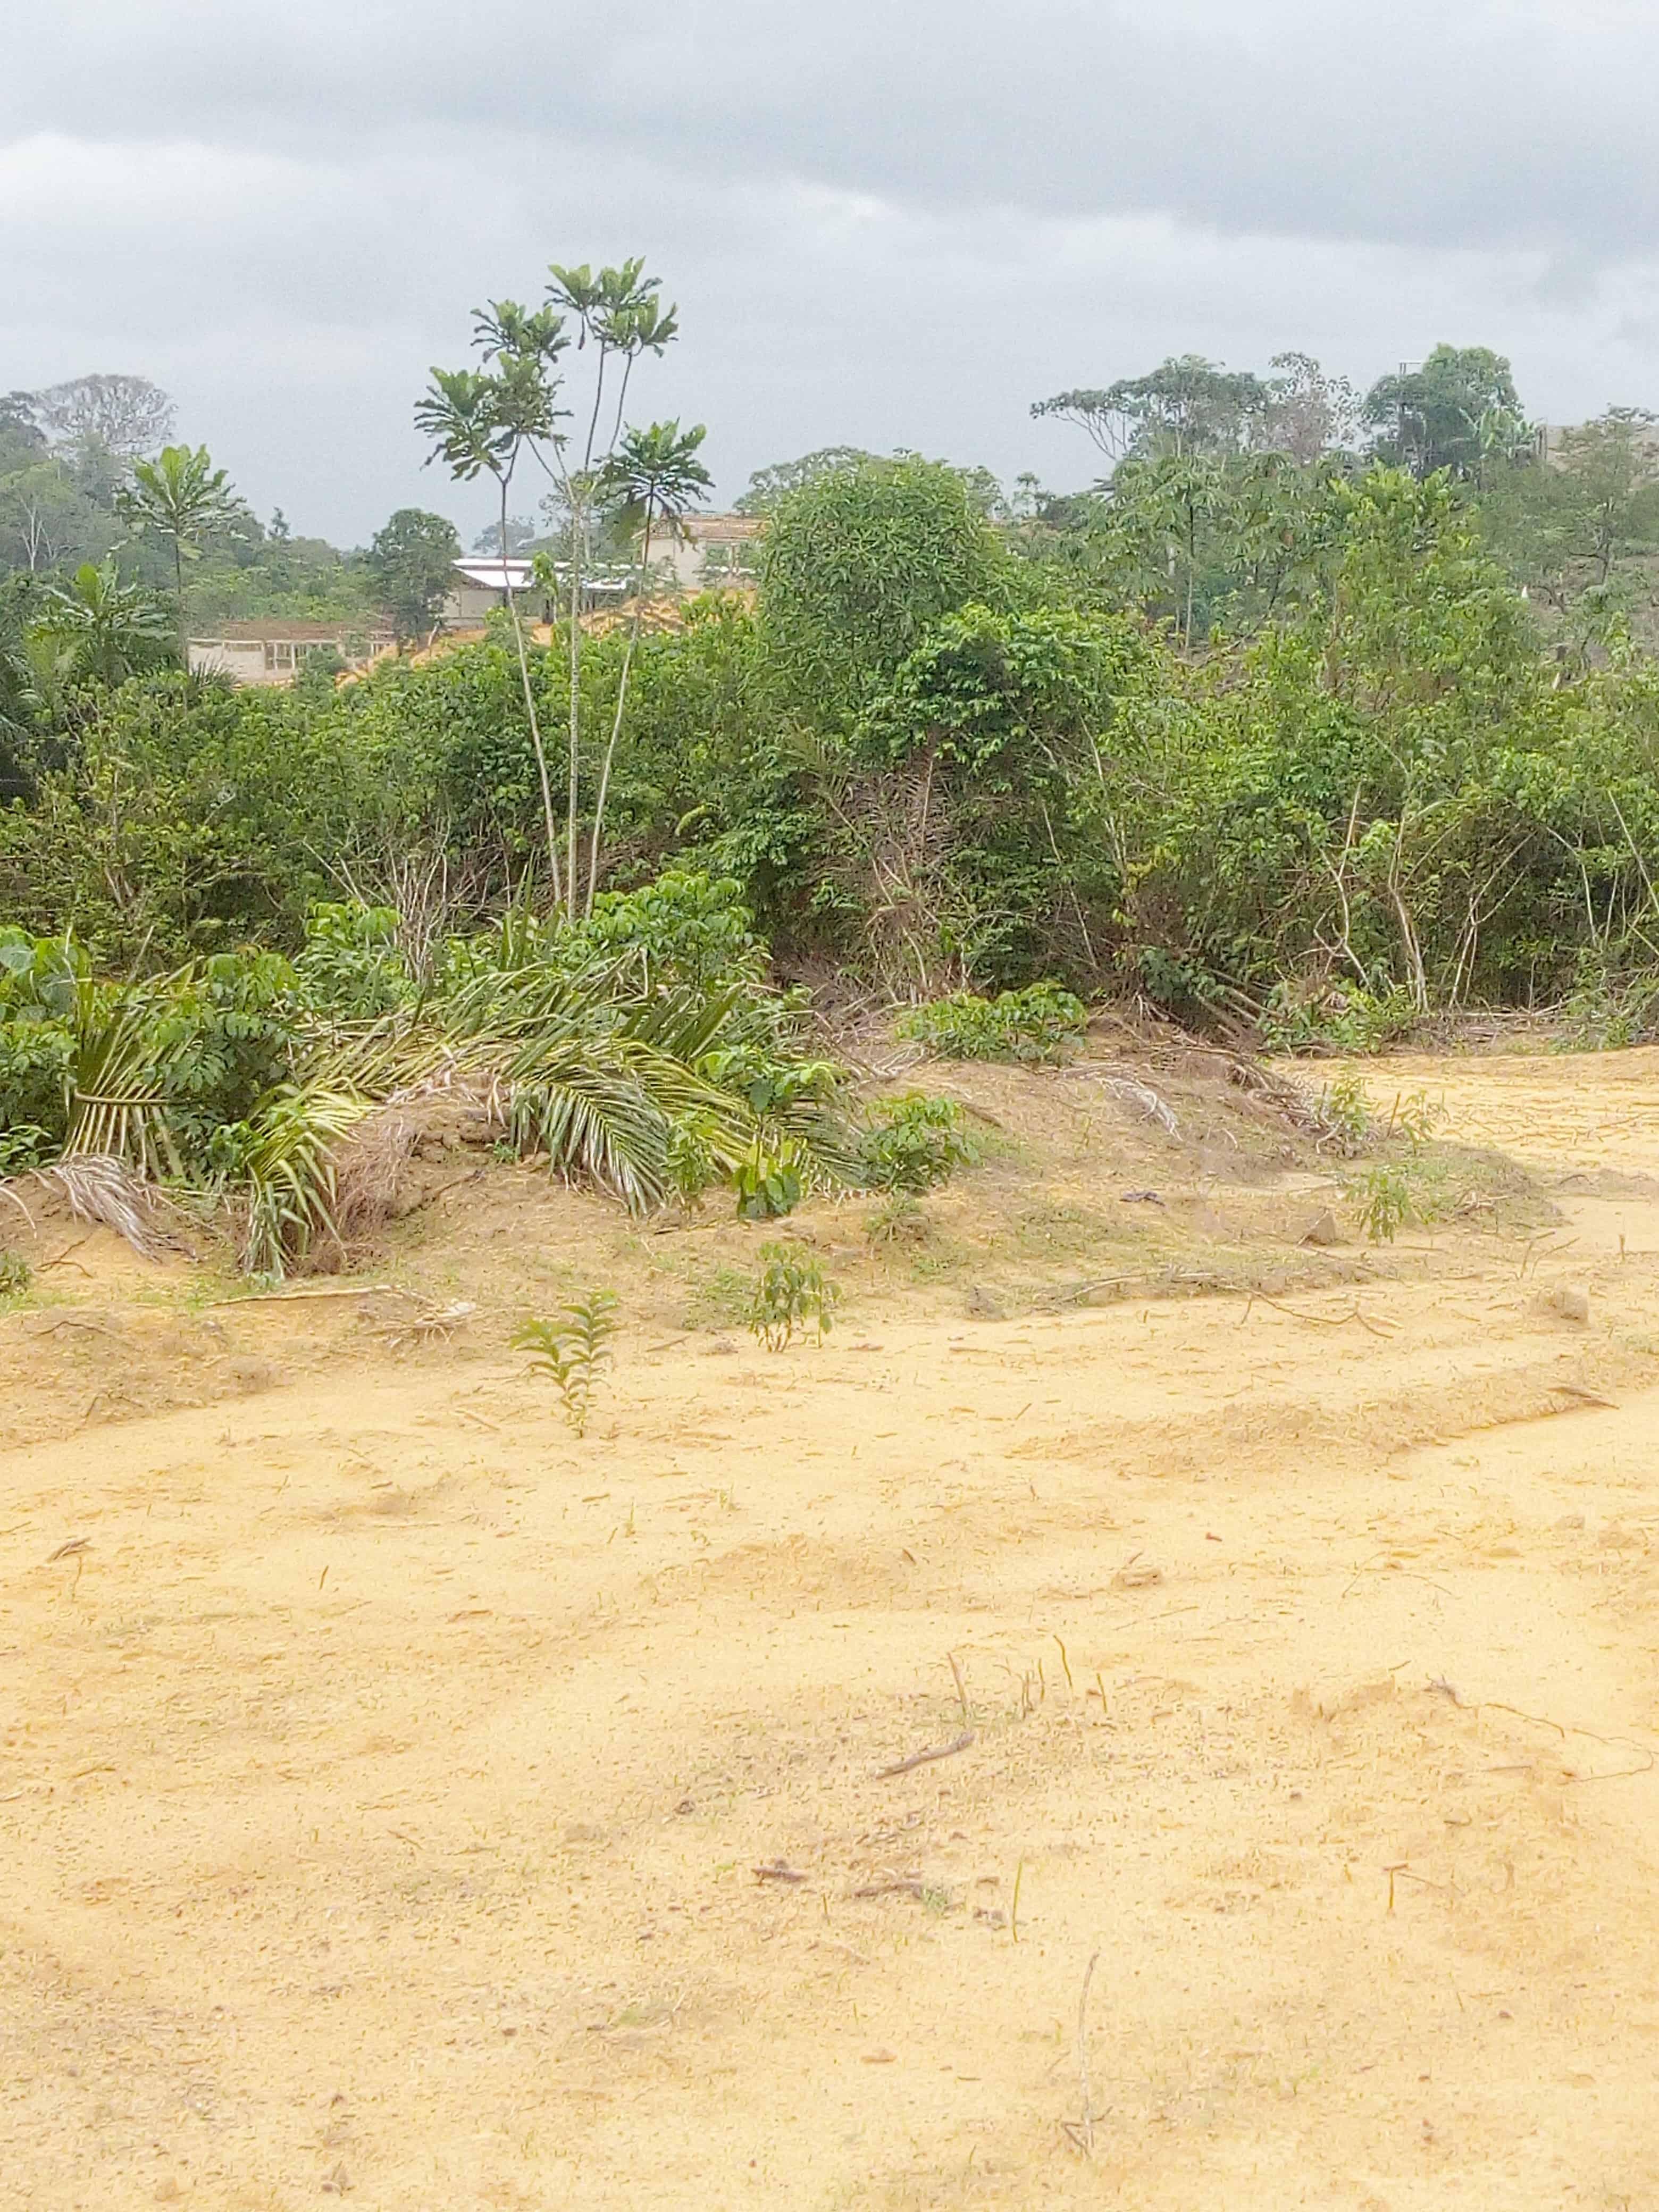 Land for sale at Douala, PK 27, Pk27 - 20000 m2 - 6 000 000 FCFA